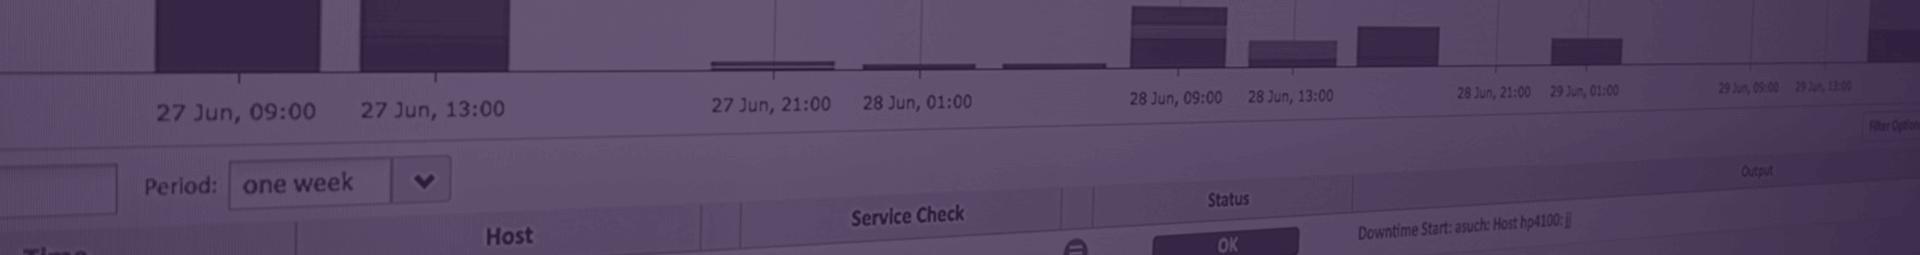 amazon cloudwatch monitoring